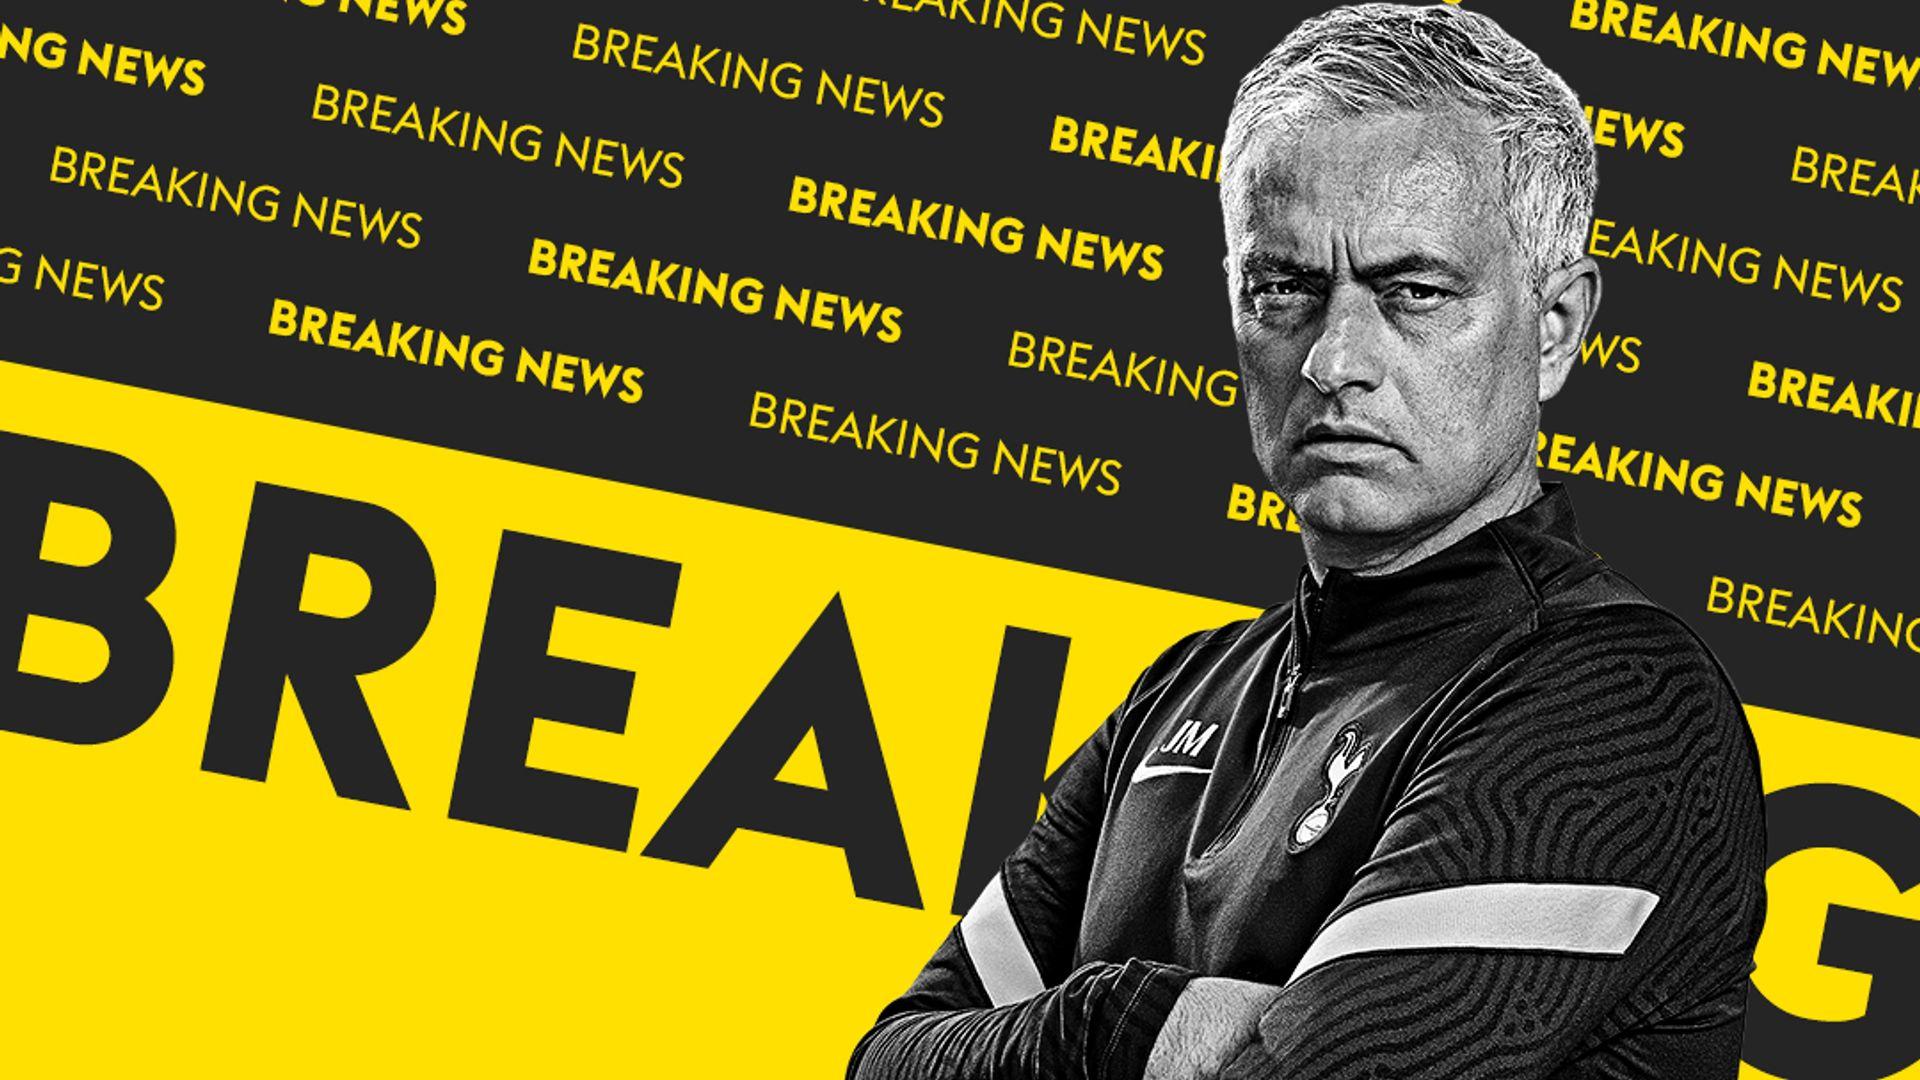 Mourinho sacked by Spurs